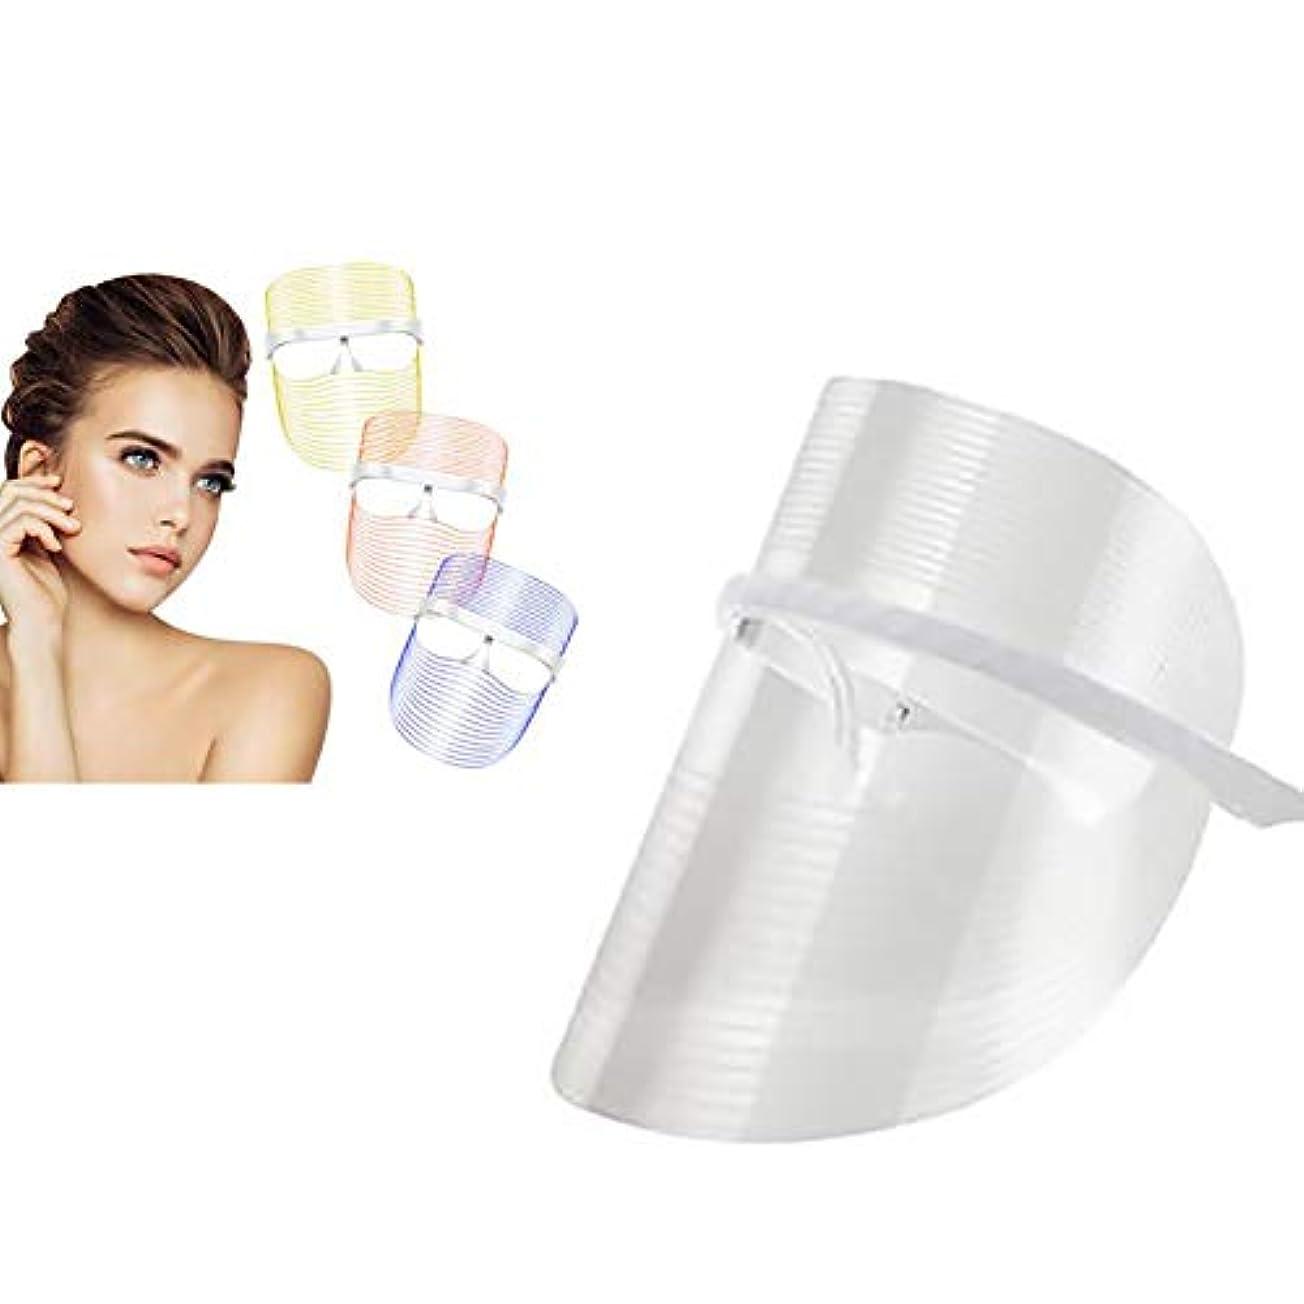 多様性騒々しい囚人3色LEDライトセラピーフェイスマスク美容器具フェイシャルスパトリートメントアンチエイジングアンチアクネシワ除去